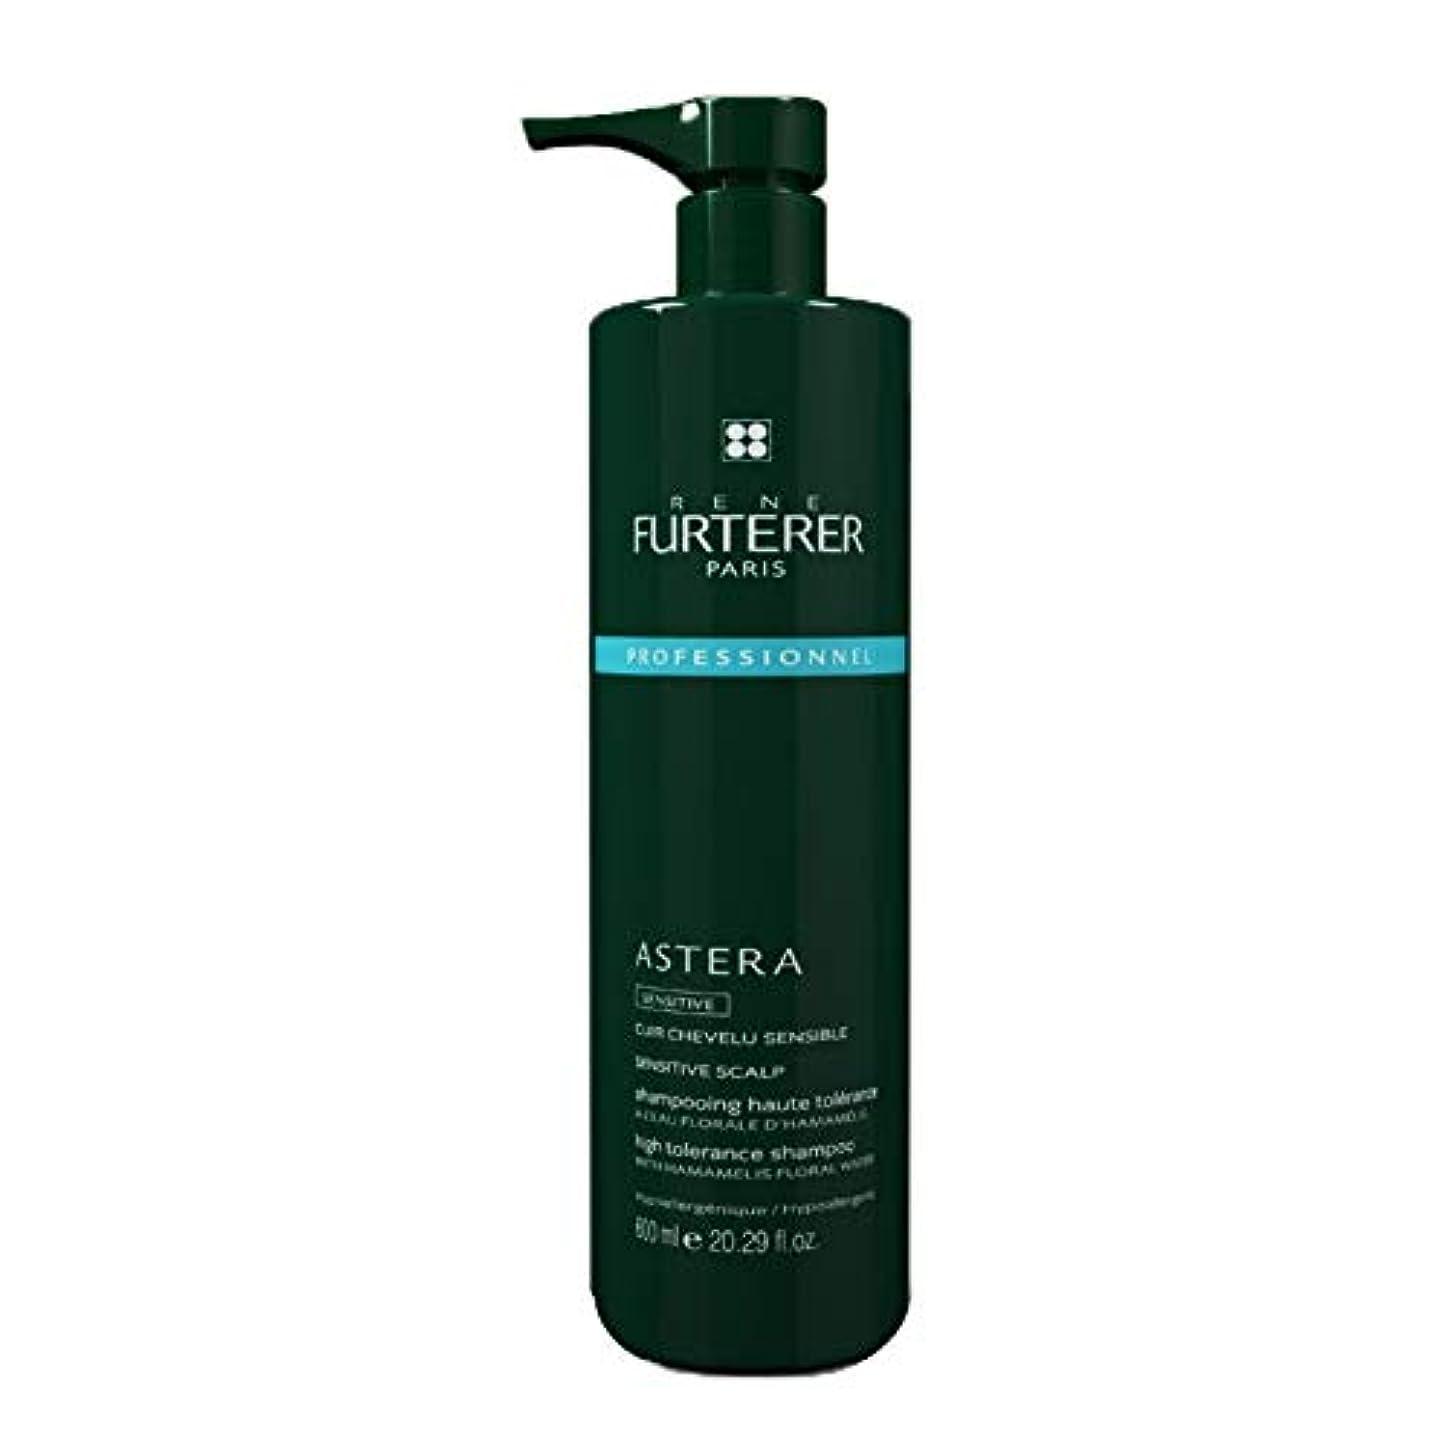 薬理学追跡ラオス人ルネ フルトレール Astera Sensitive High Tolerance Scalp Ritual Dermo-Protective Shampoo (Sensitive Scalp) 600ml/20.2oz...